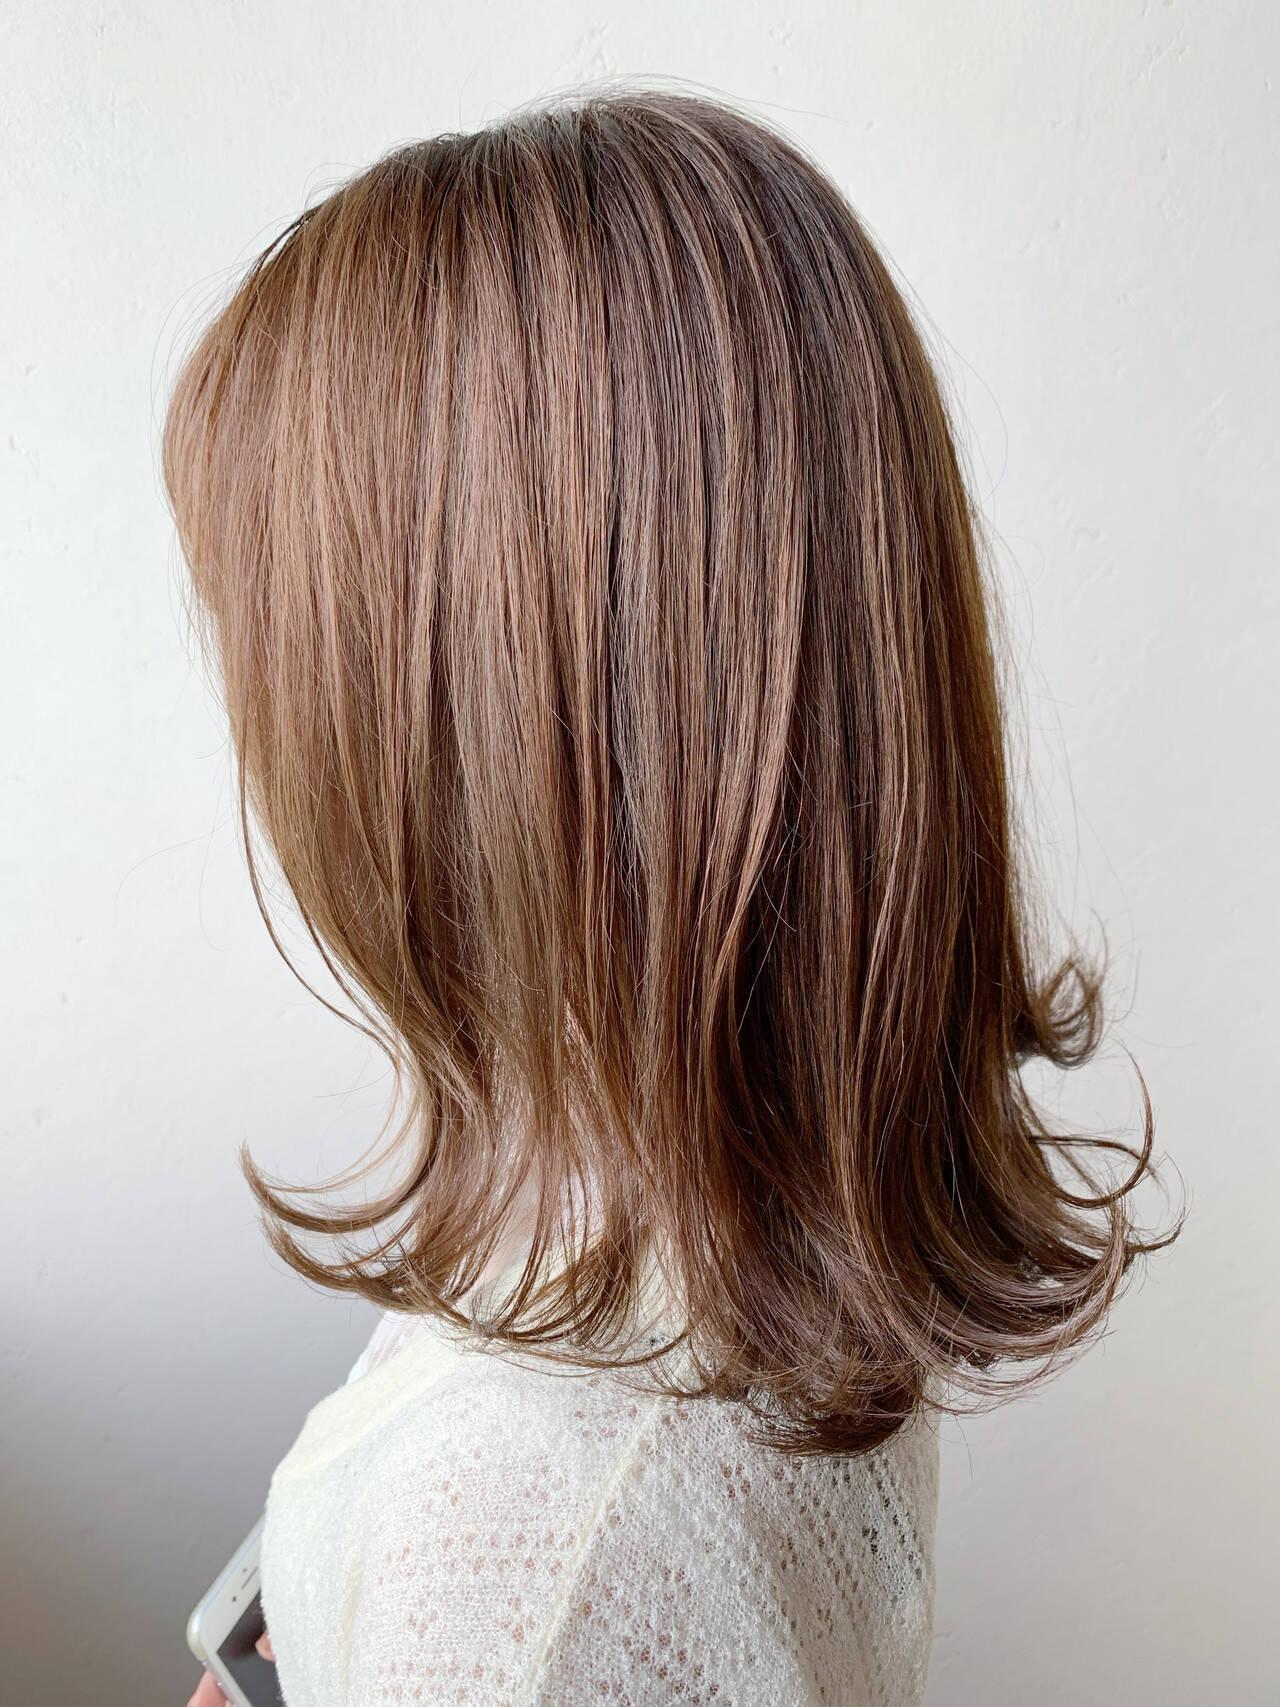 ハイライト 大人ハイライト 秋冬スタイル ミディアムヘアスタイルや髪型の写真・画像